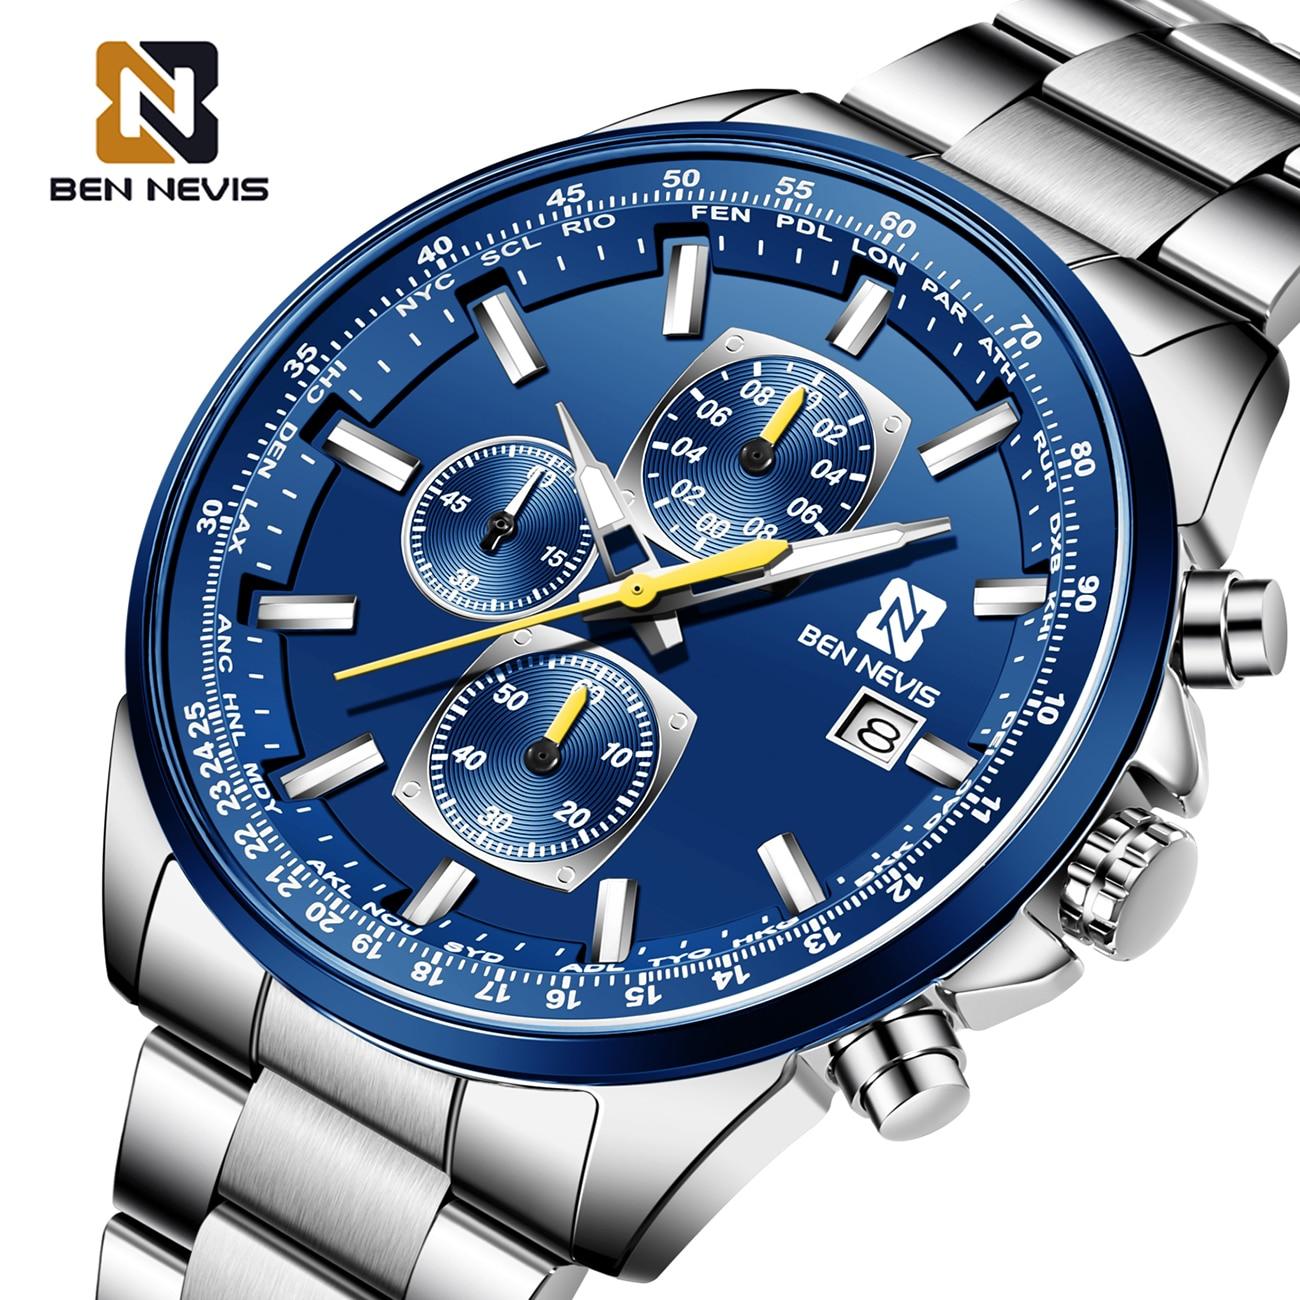 BEN NEVIS 2020 relojes de pulsera de cuarzo para hombre, relojes de moda de acero inoxidable con banda plateada, relojes de negocios con pantalla calendario